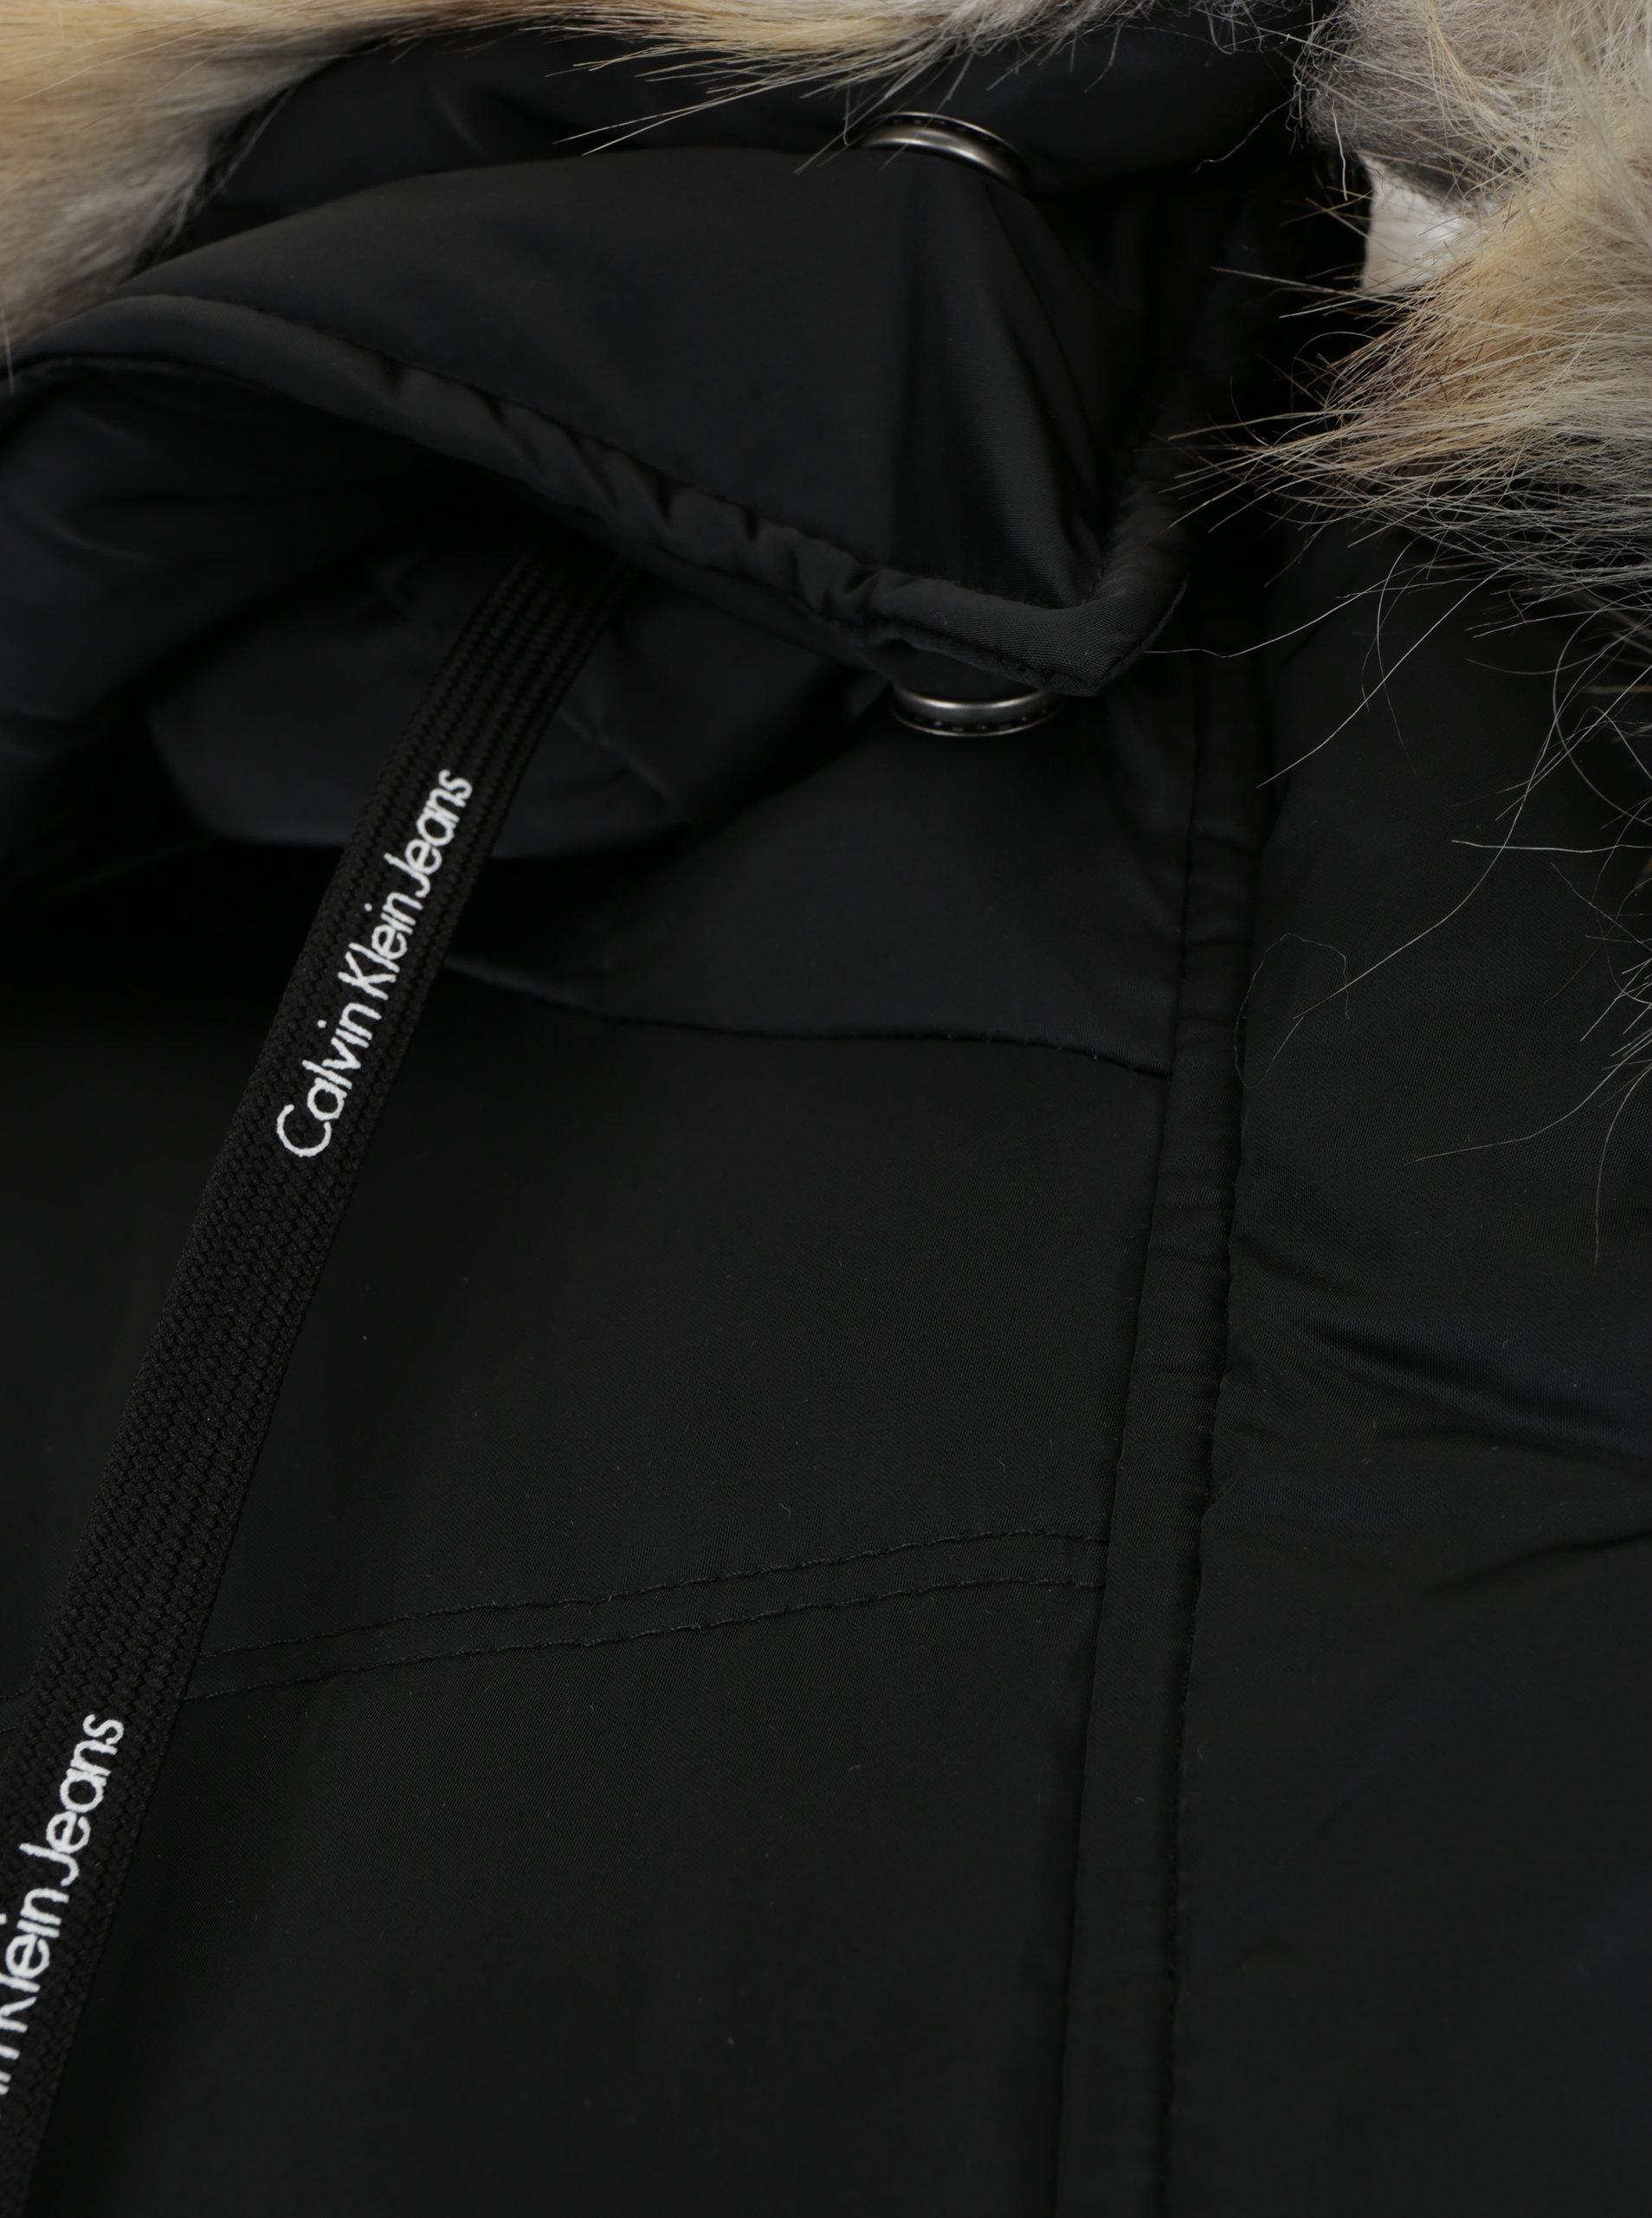 dce8fc8b27 Černý dámský zimní prošívaný péřový kabát Calvin Klein Jeans Opra ...